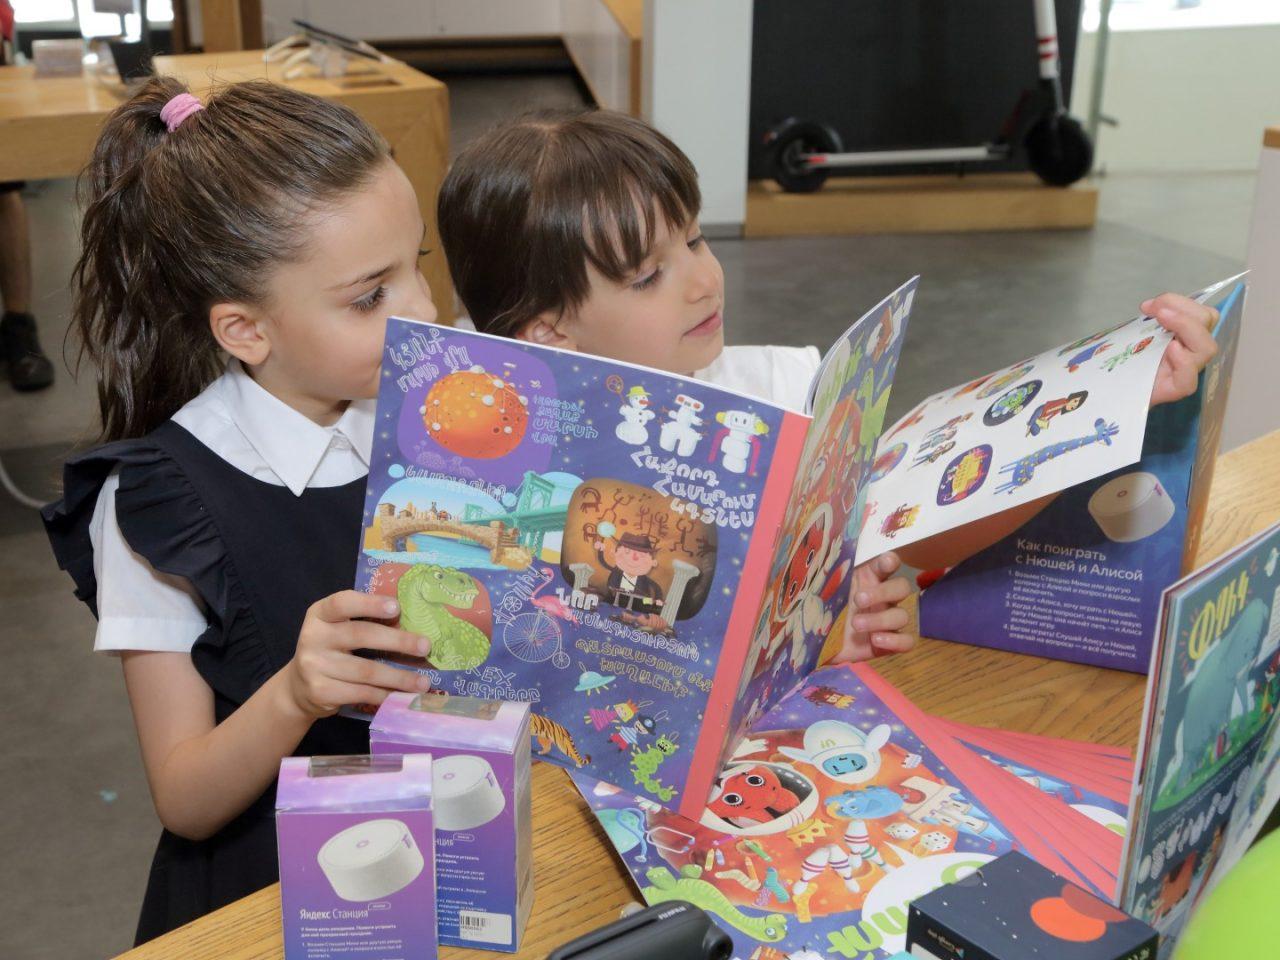 Ucom-ը հանդես է եկել «Ողջու՜յն, ամառ» առաջարկով և «Յուհու» մանկական ամսագրով